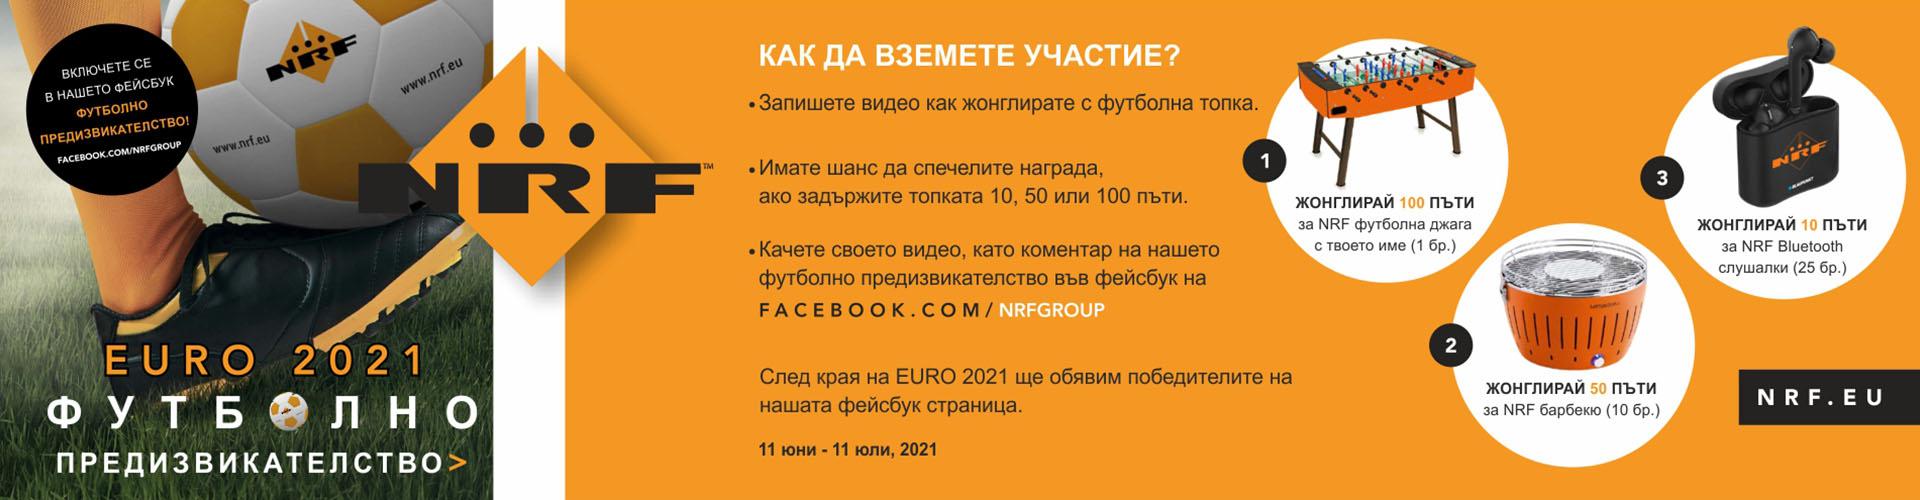 promo_nrf_11.06.2021-11.07.2021_banner.jpg